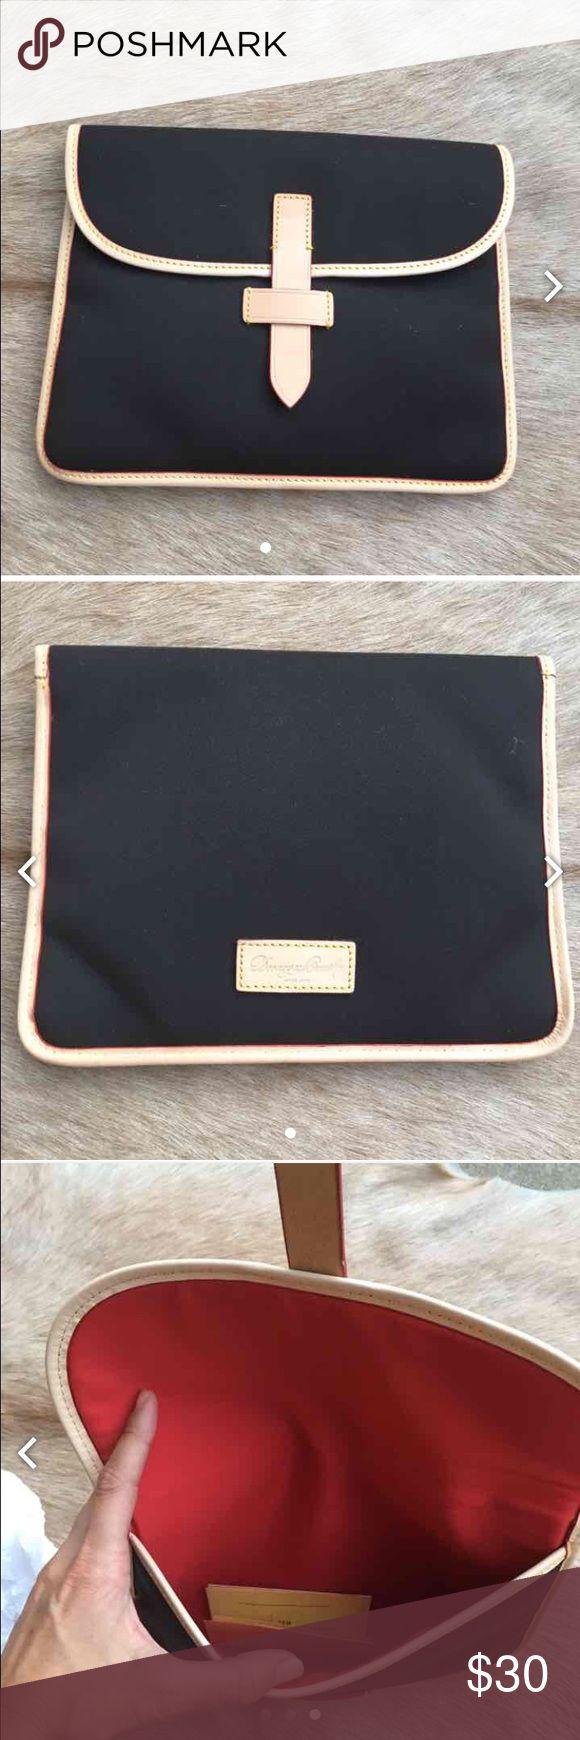 Dooney & Bourke IPad Carrying Case Dooney & Bourke IPad Carrying Case Dooney & Bourke Accessories Tablet Cases